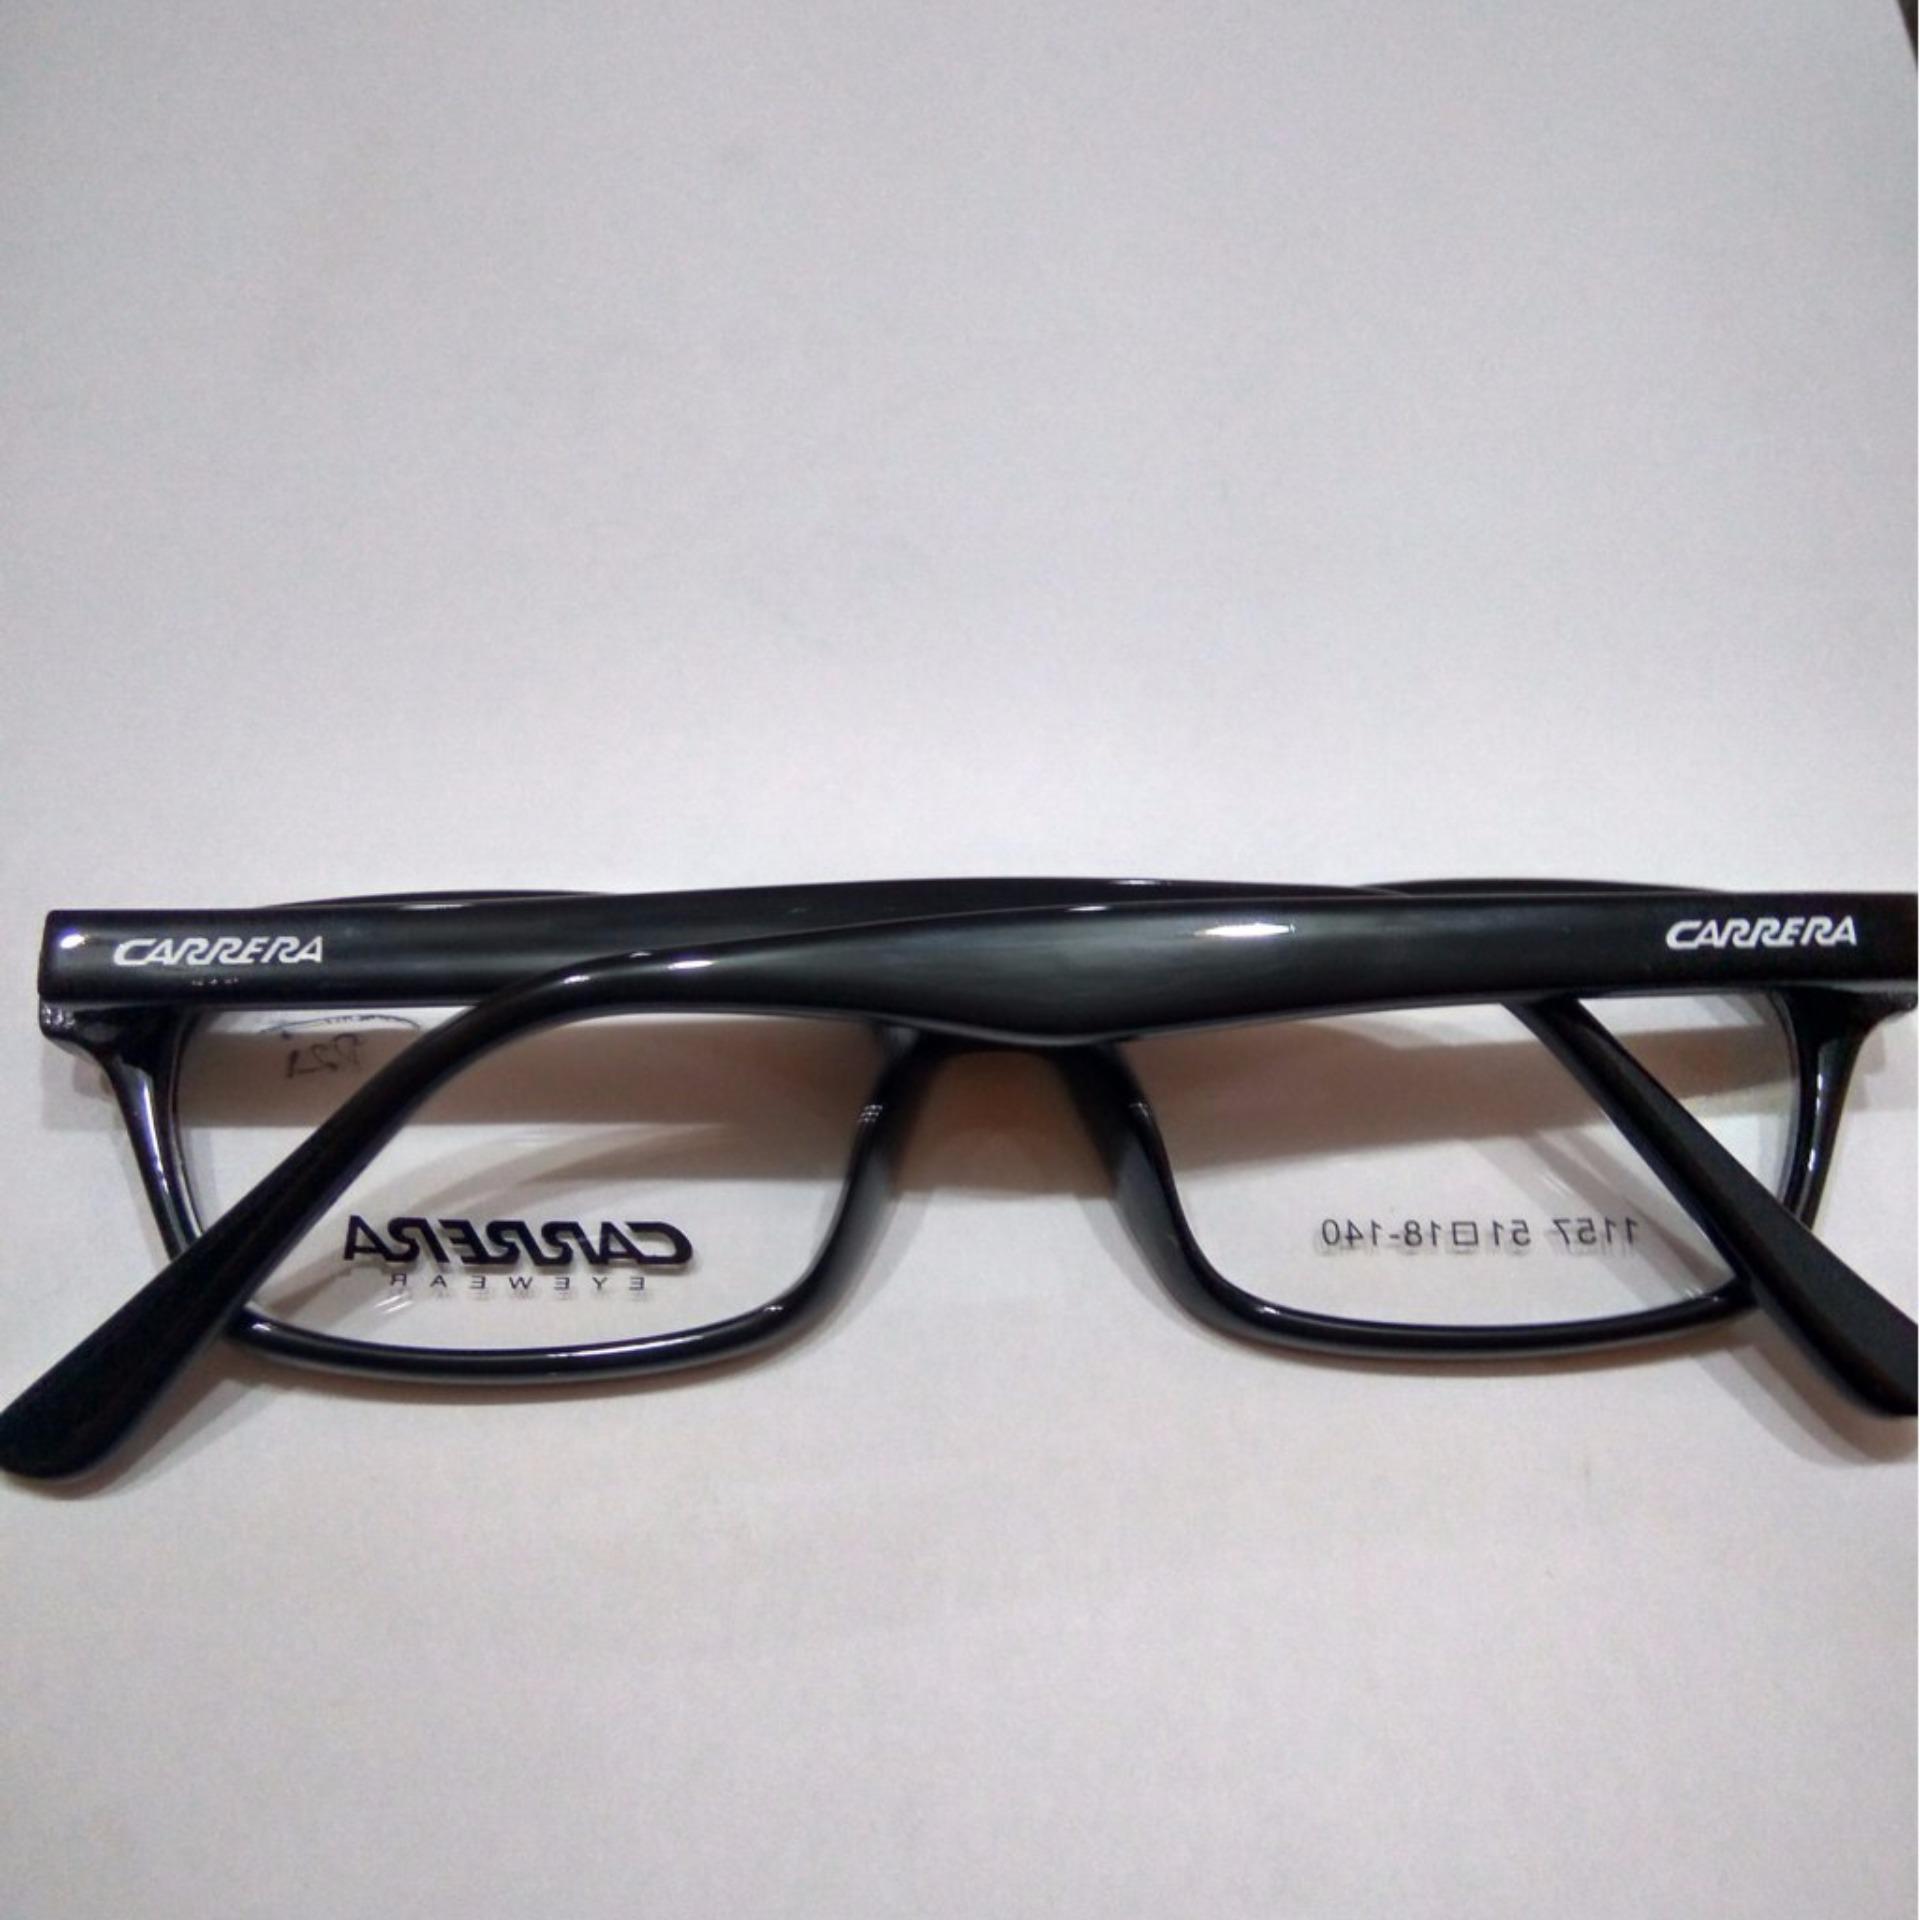 ... Metal Frame Mirror Big Lens Eyewear Shades Glasses. Source · Kacamata Carerra (Black) Plus Antiradiasi Komputer Cocok Untuk Pria Dan Wanita (Korean ...